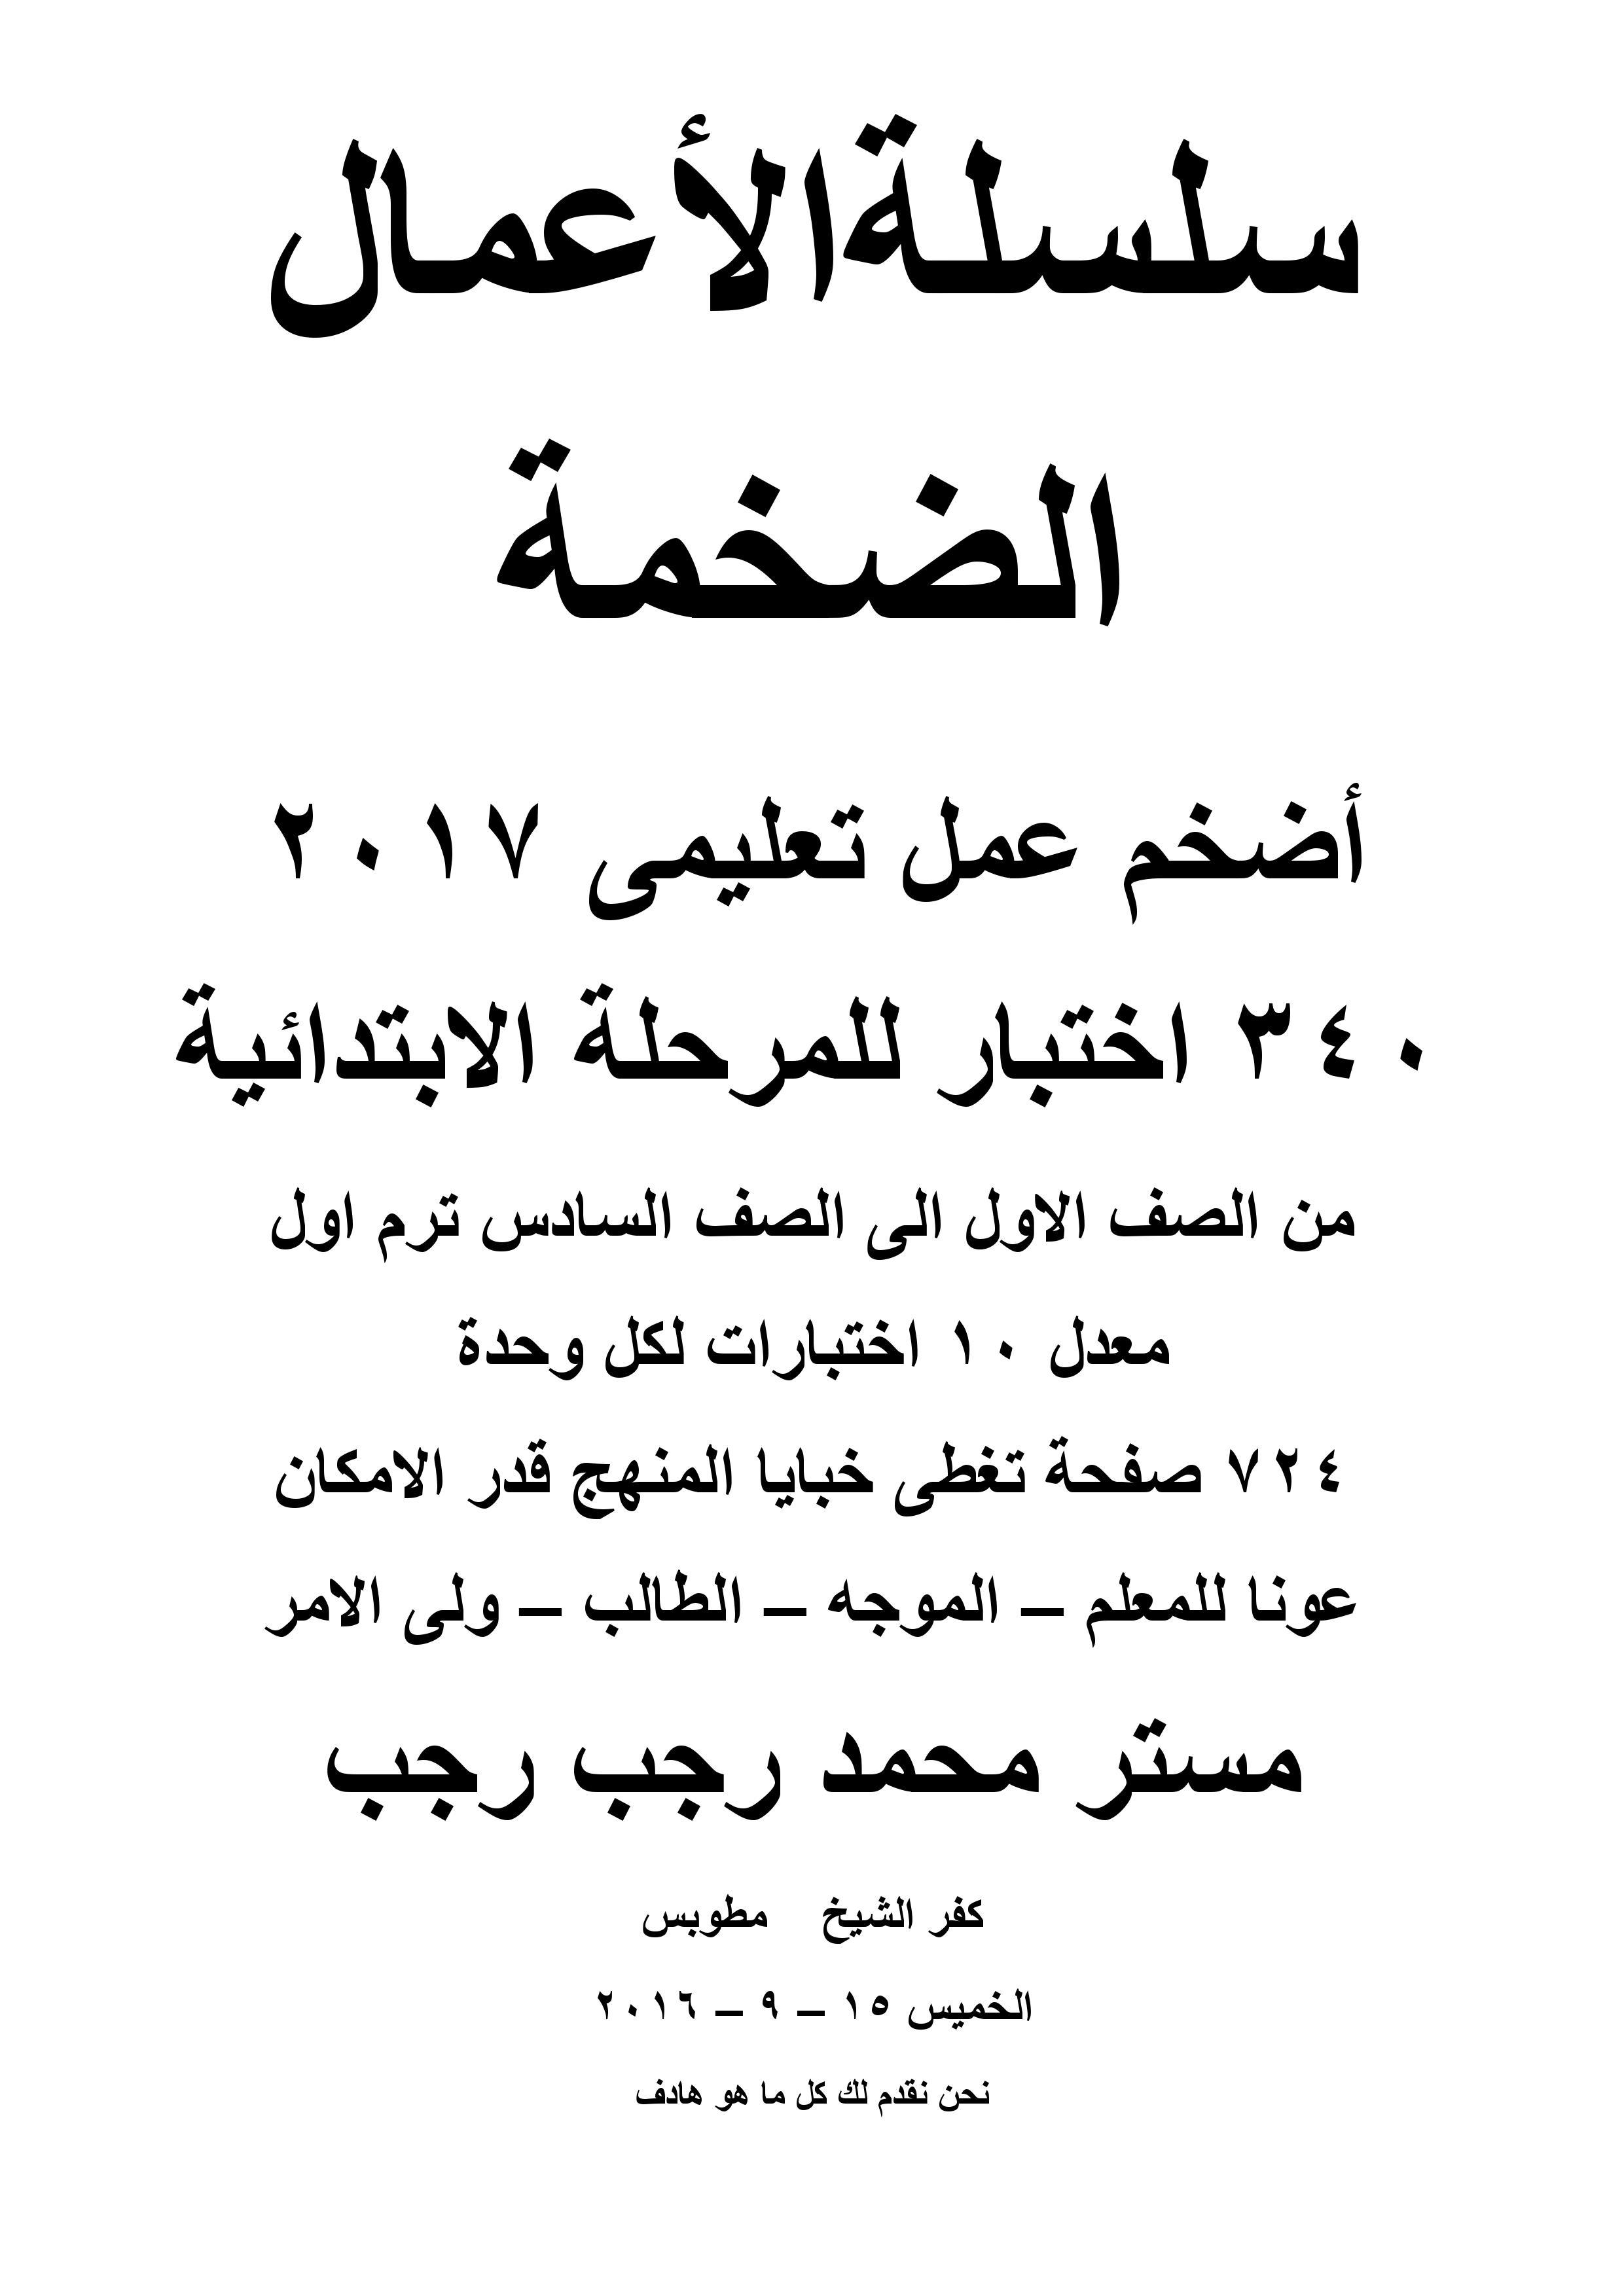 Mzk5OTA1MQ6464exam-eg.com_1481900593181